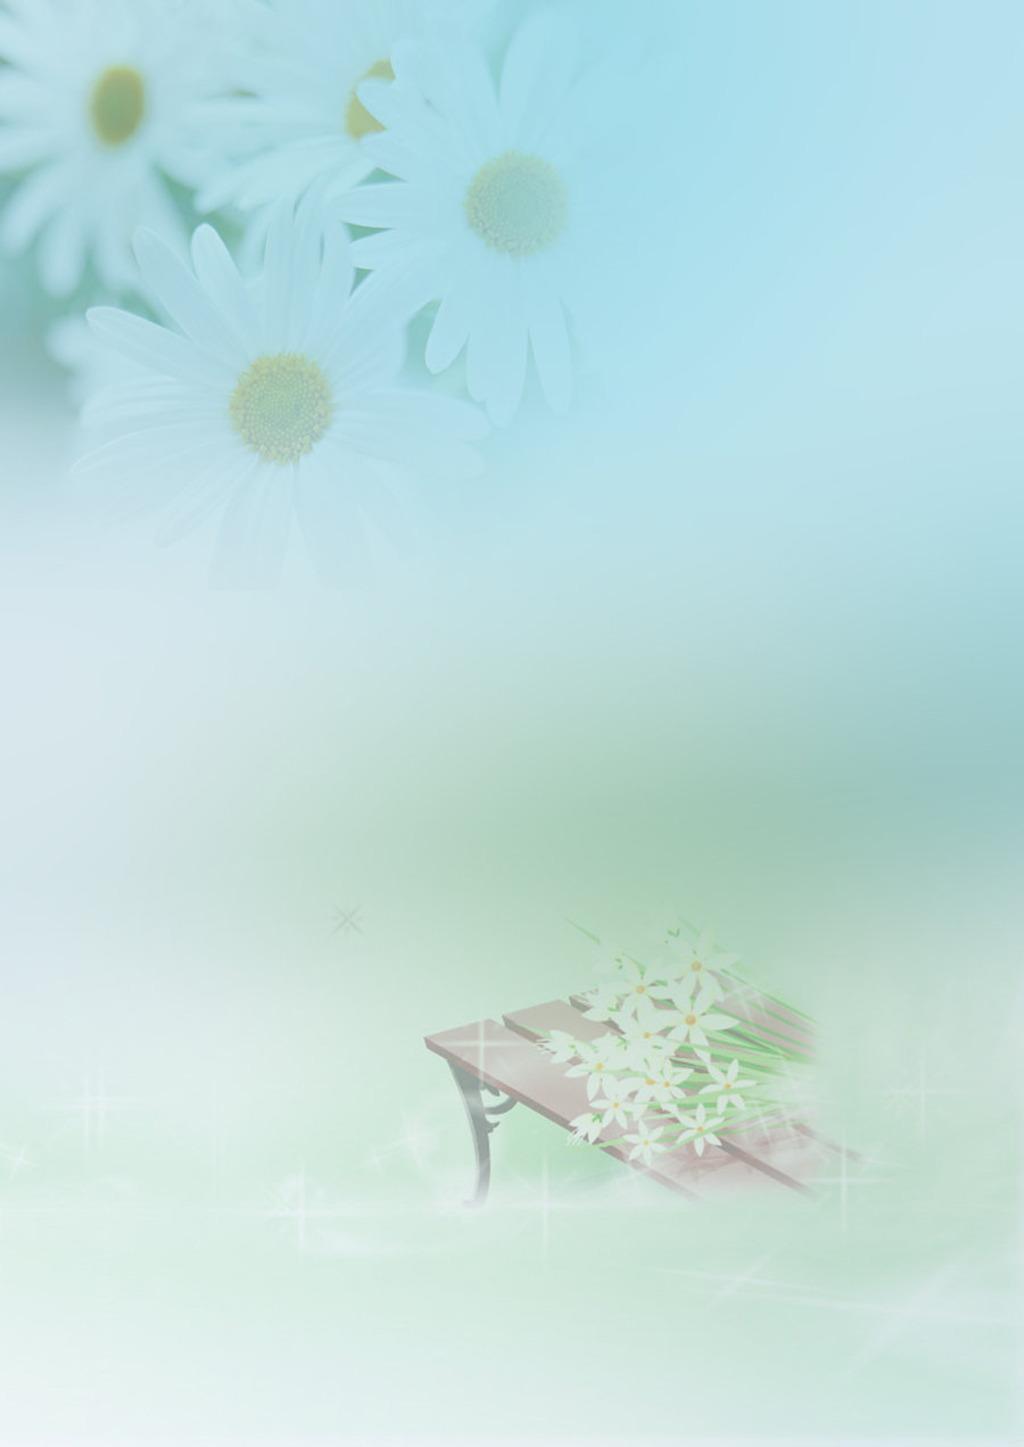 清新 梦幻 绿色背景 信纸模板